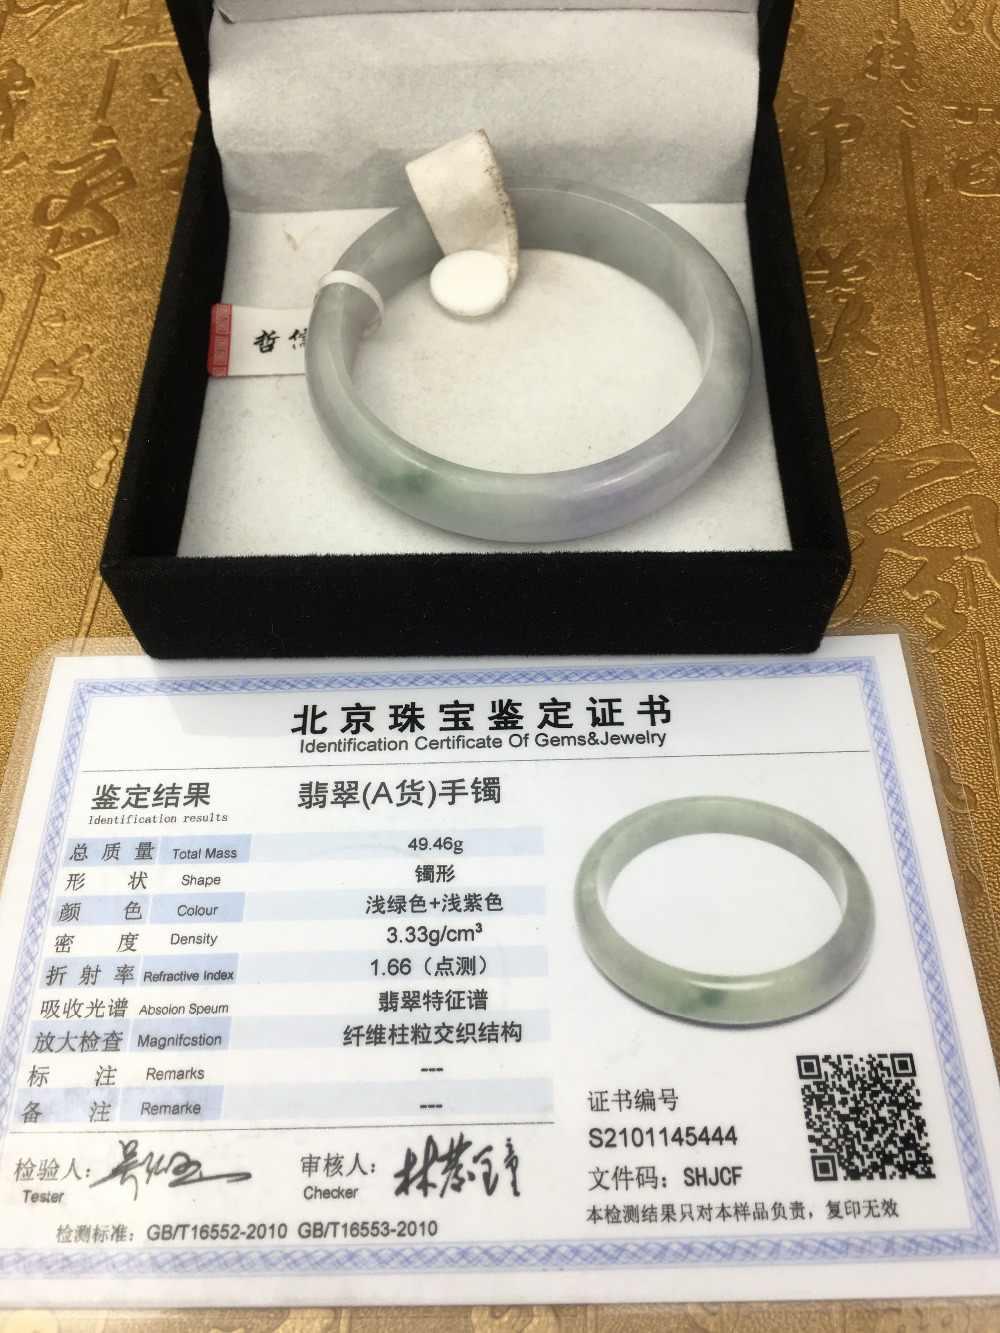 ส่งใบรับรองธรรมชาติ Jadeite สร้อยข้อมือ Natural light สีเขียว 2 สี 54-61mm princess สร้อยข้อมือเครื่องประดับของขวัญ